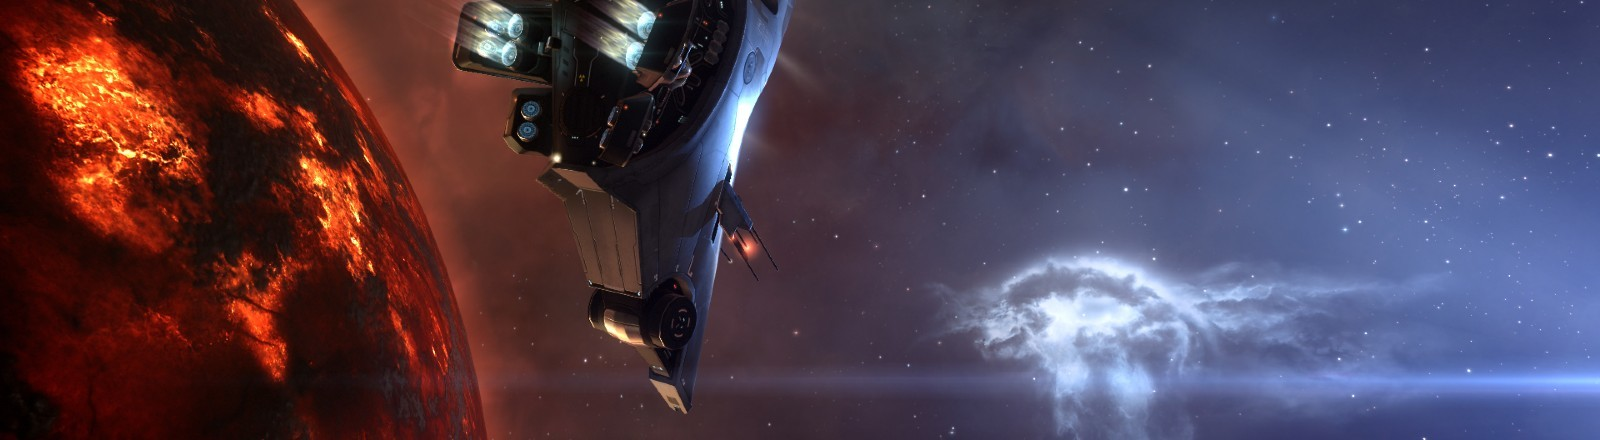 """Eine Szene aus dem Game """"Eve Online"""" im Weltall"""